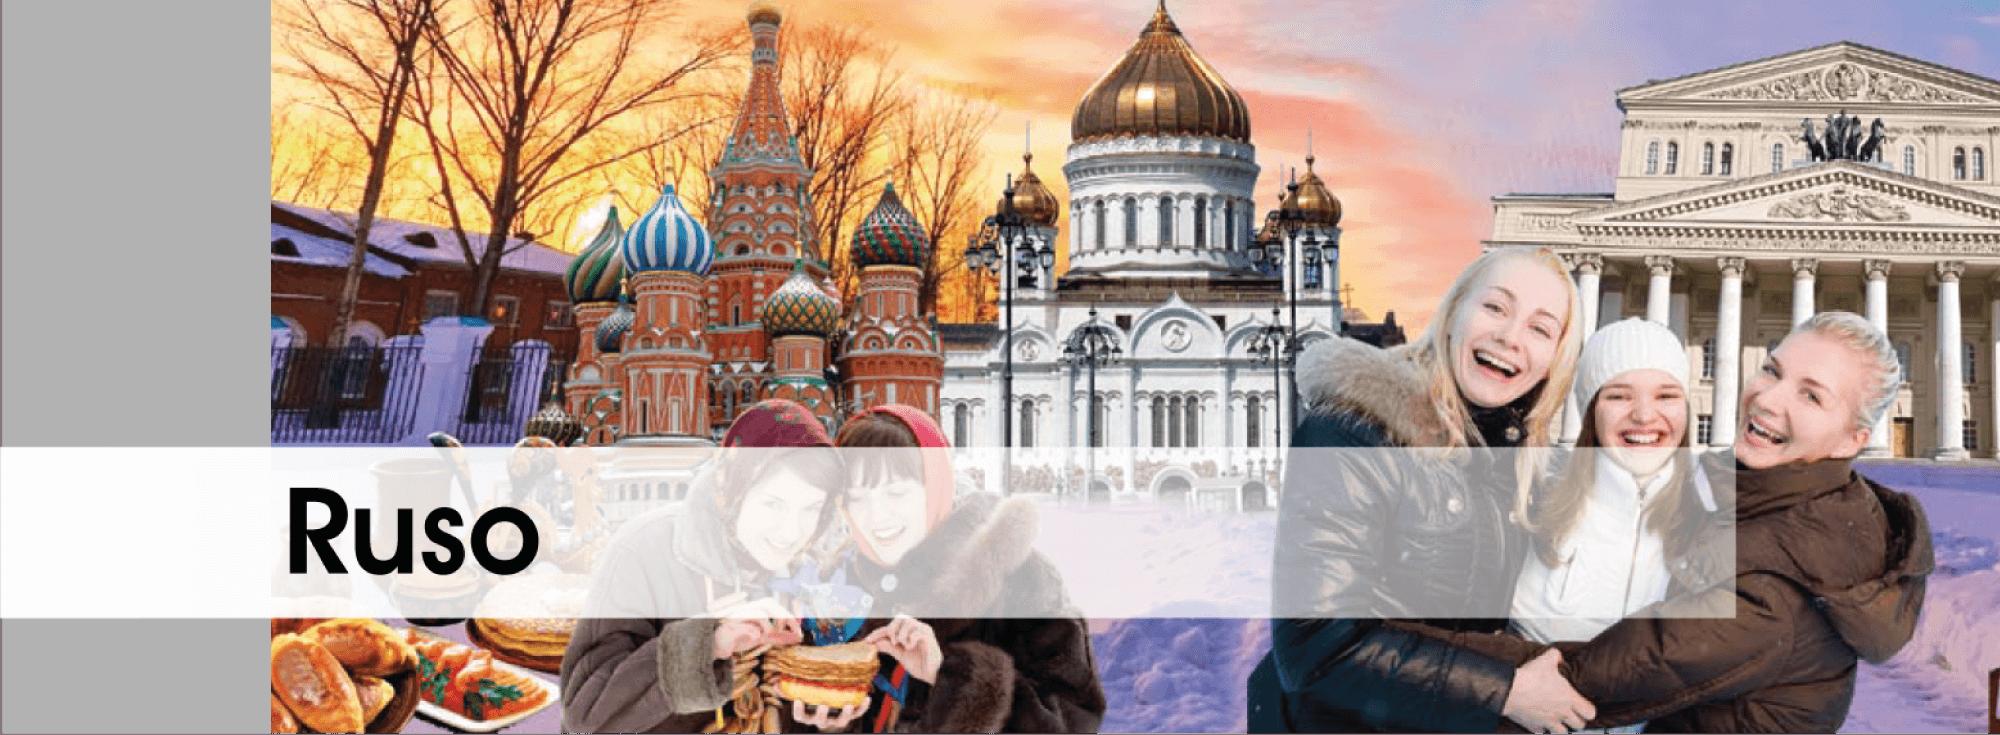 Ruso Curso Idiomas Ruso Htl Idiomas